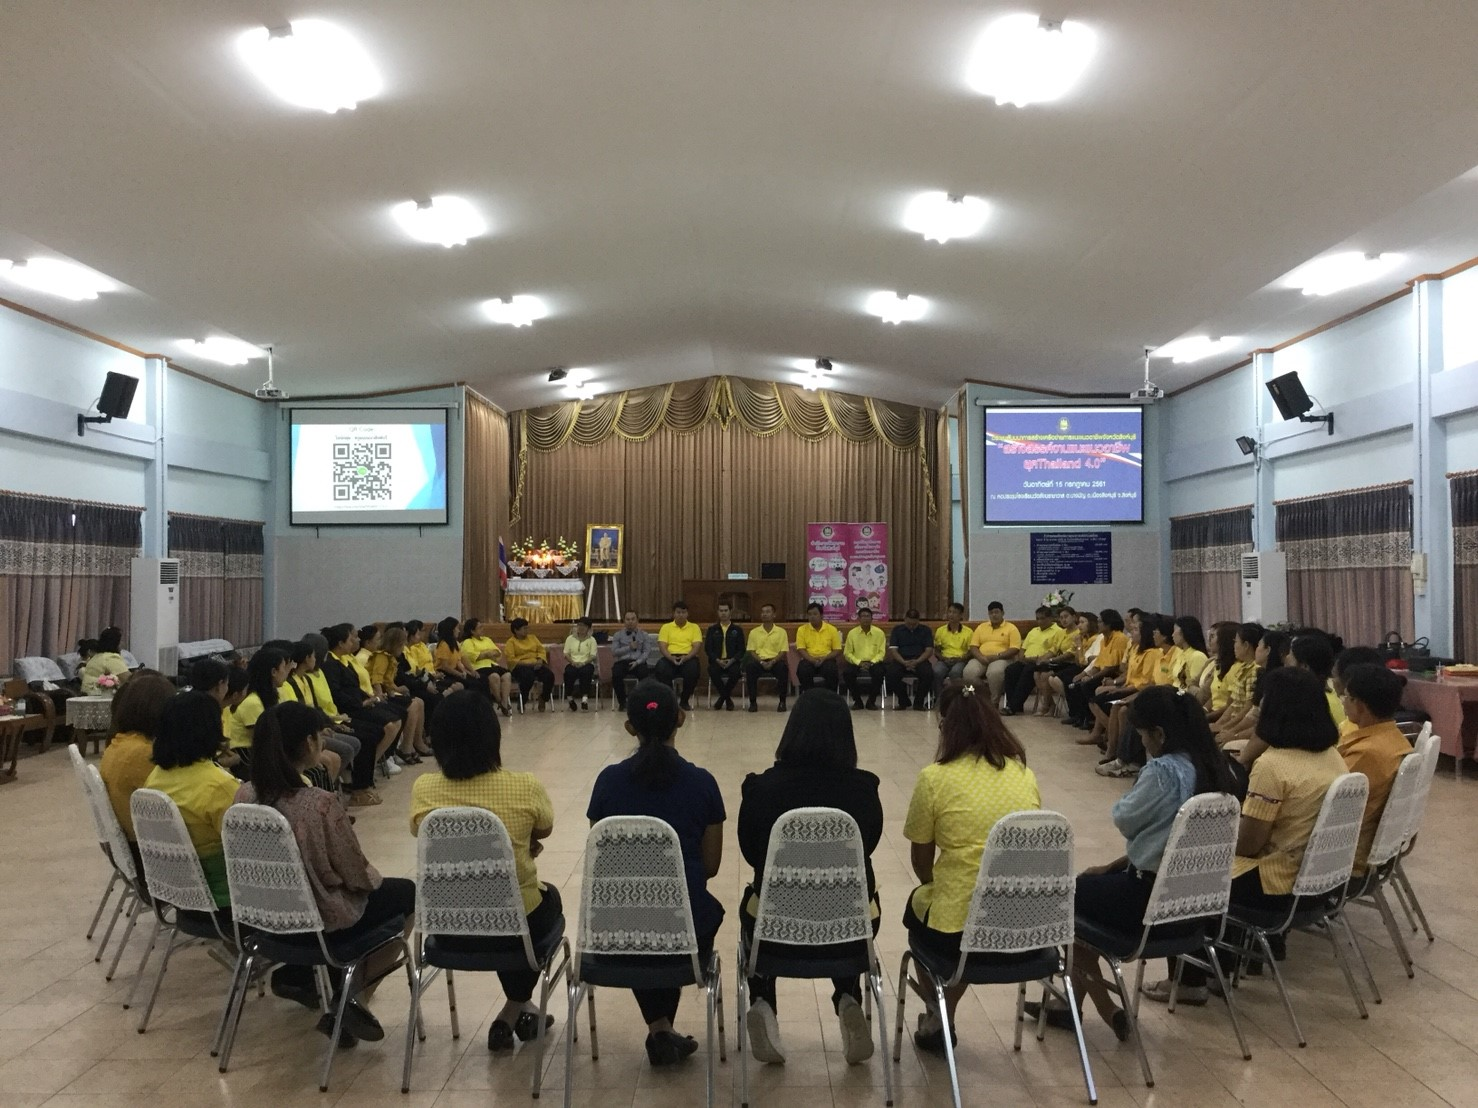 ประชุมสัมนาเครือข่ายการแนะแนวอาชีพจังหวัดสิงห์บุรี